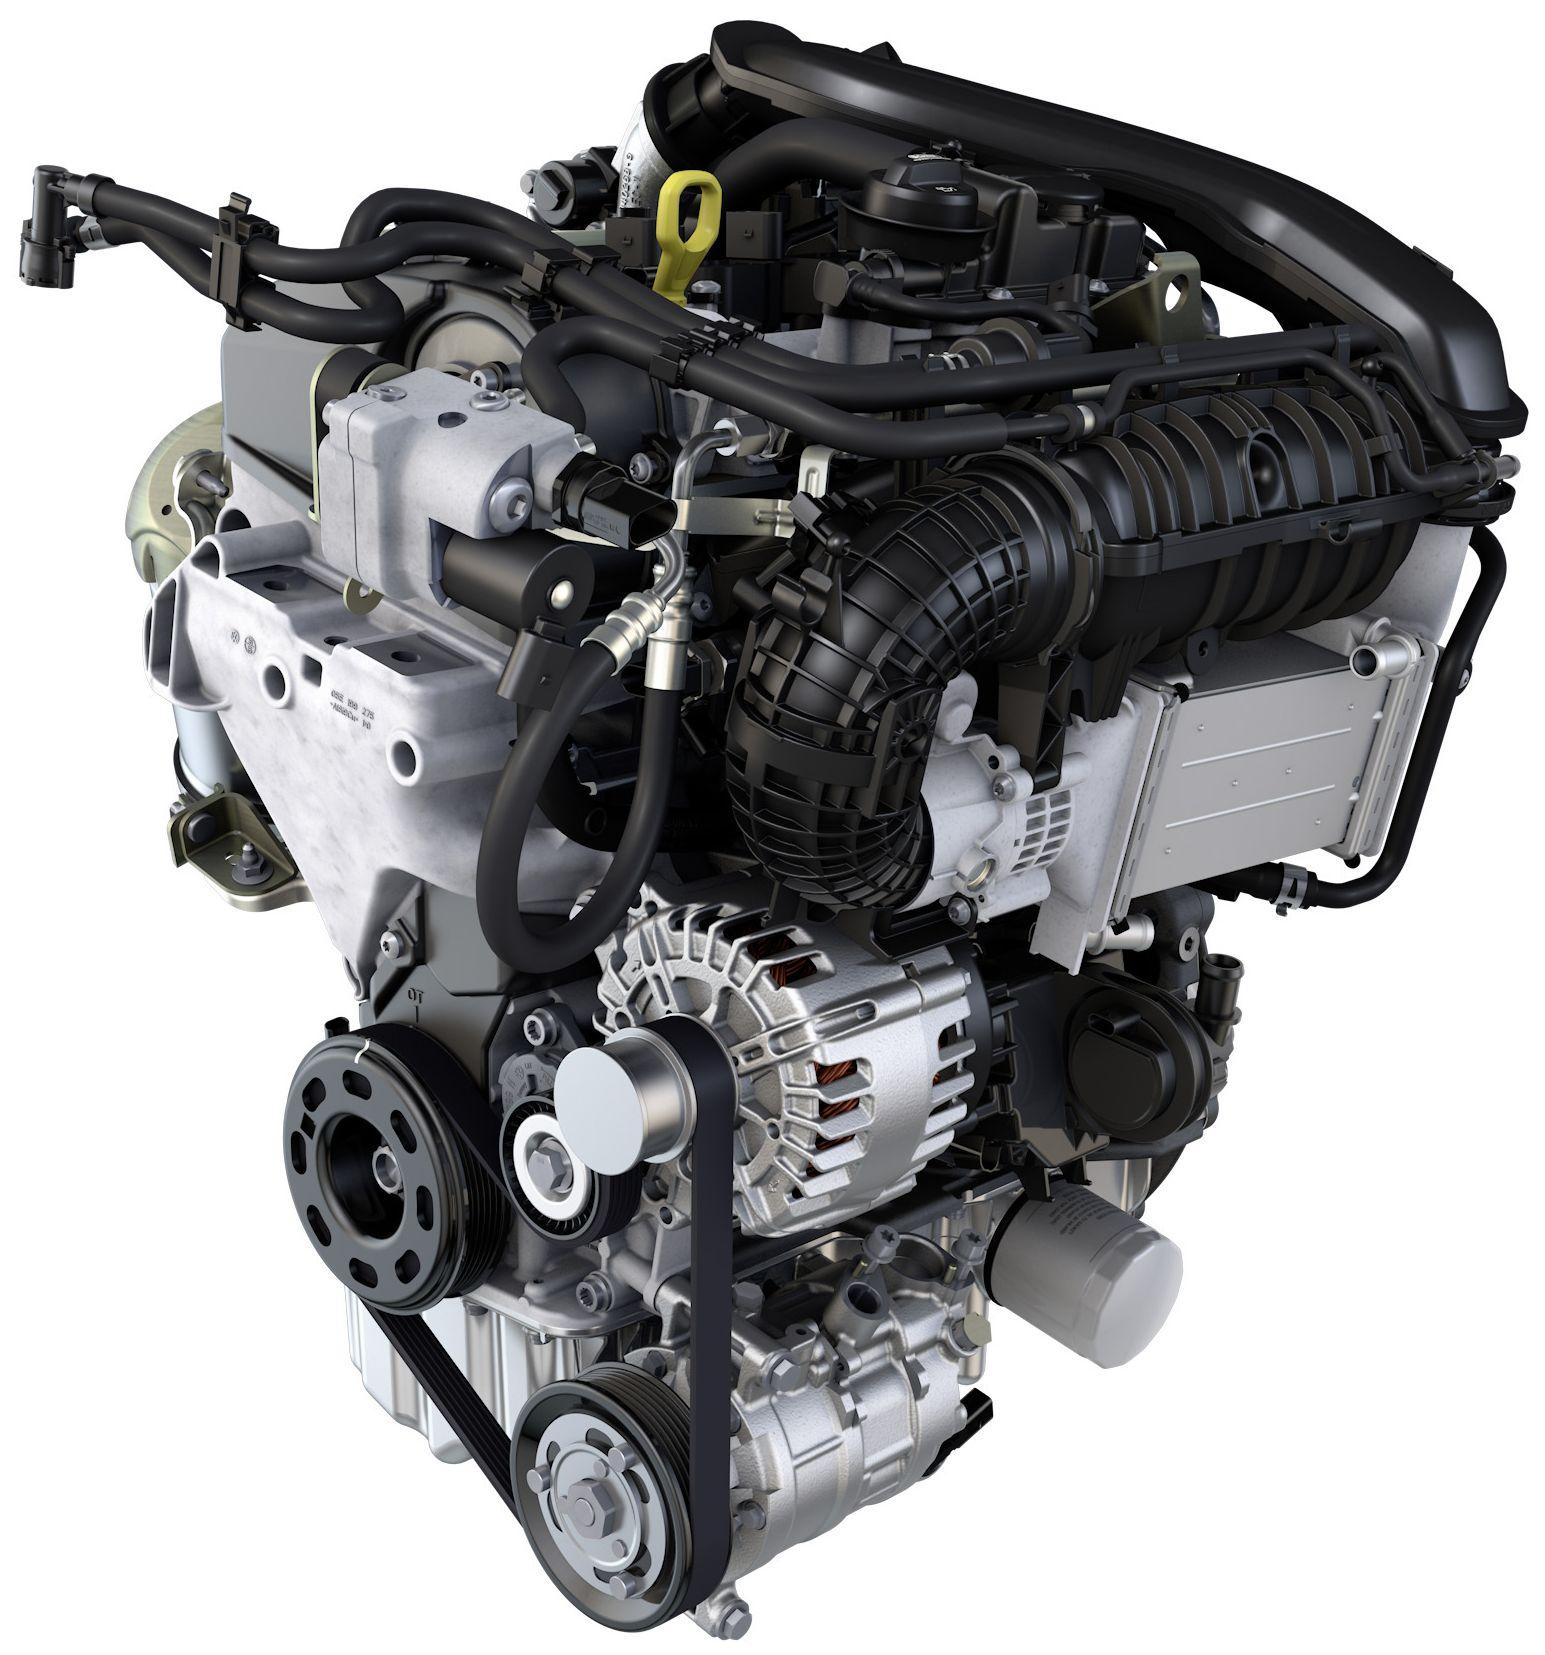 Mk8 Volkswagen Golf with 48V mild hybrid confirmed natural gas